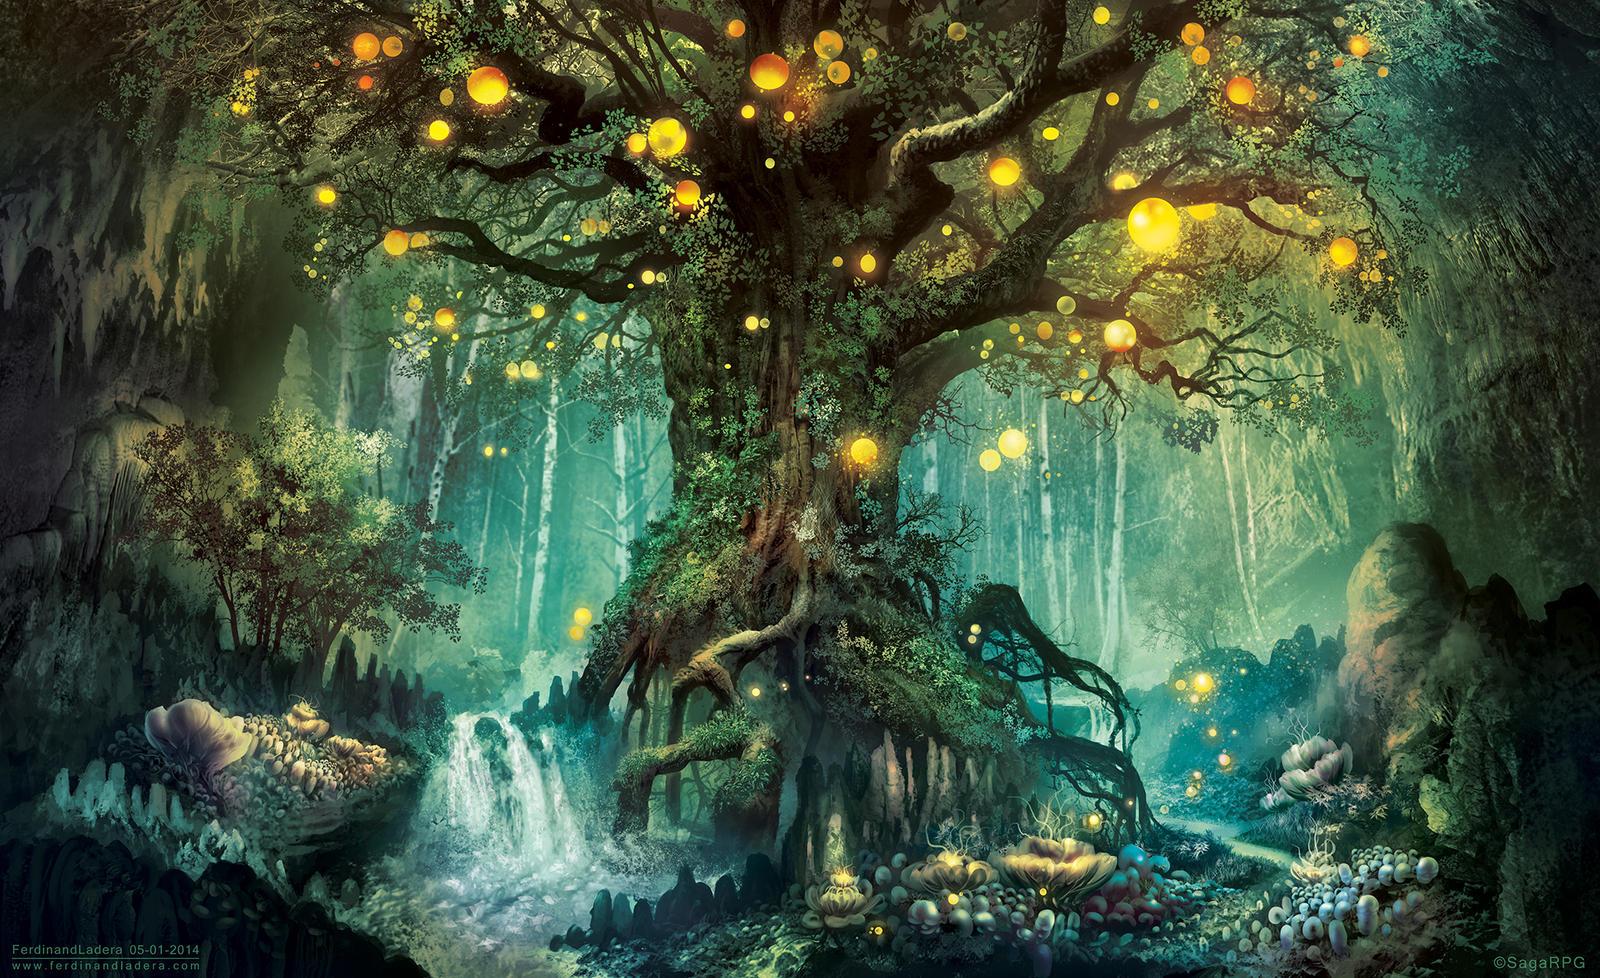 Dimlight Forest by FerdinandLadera